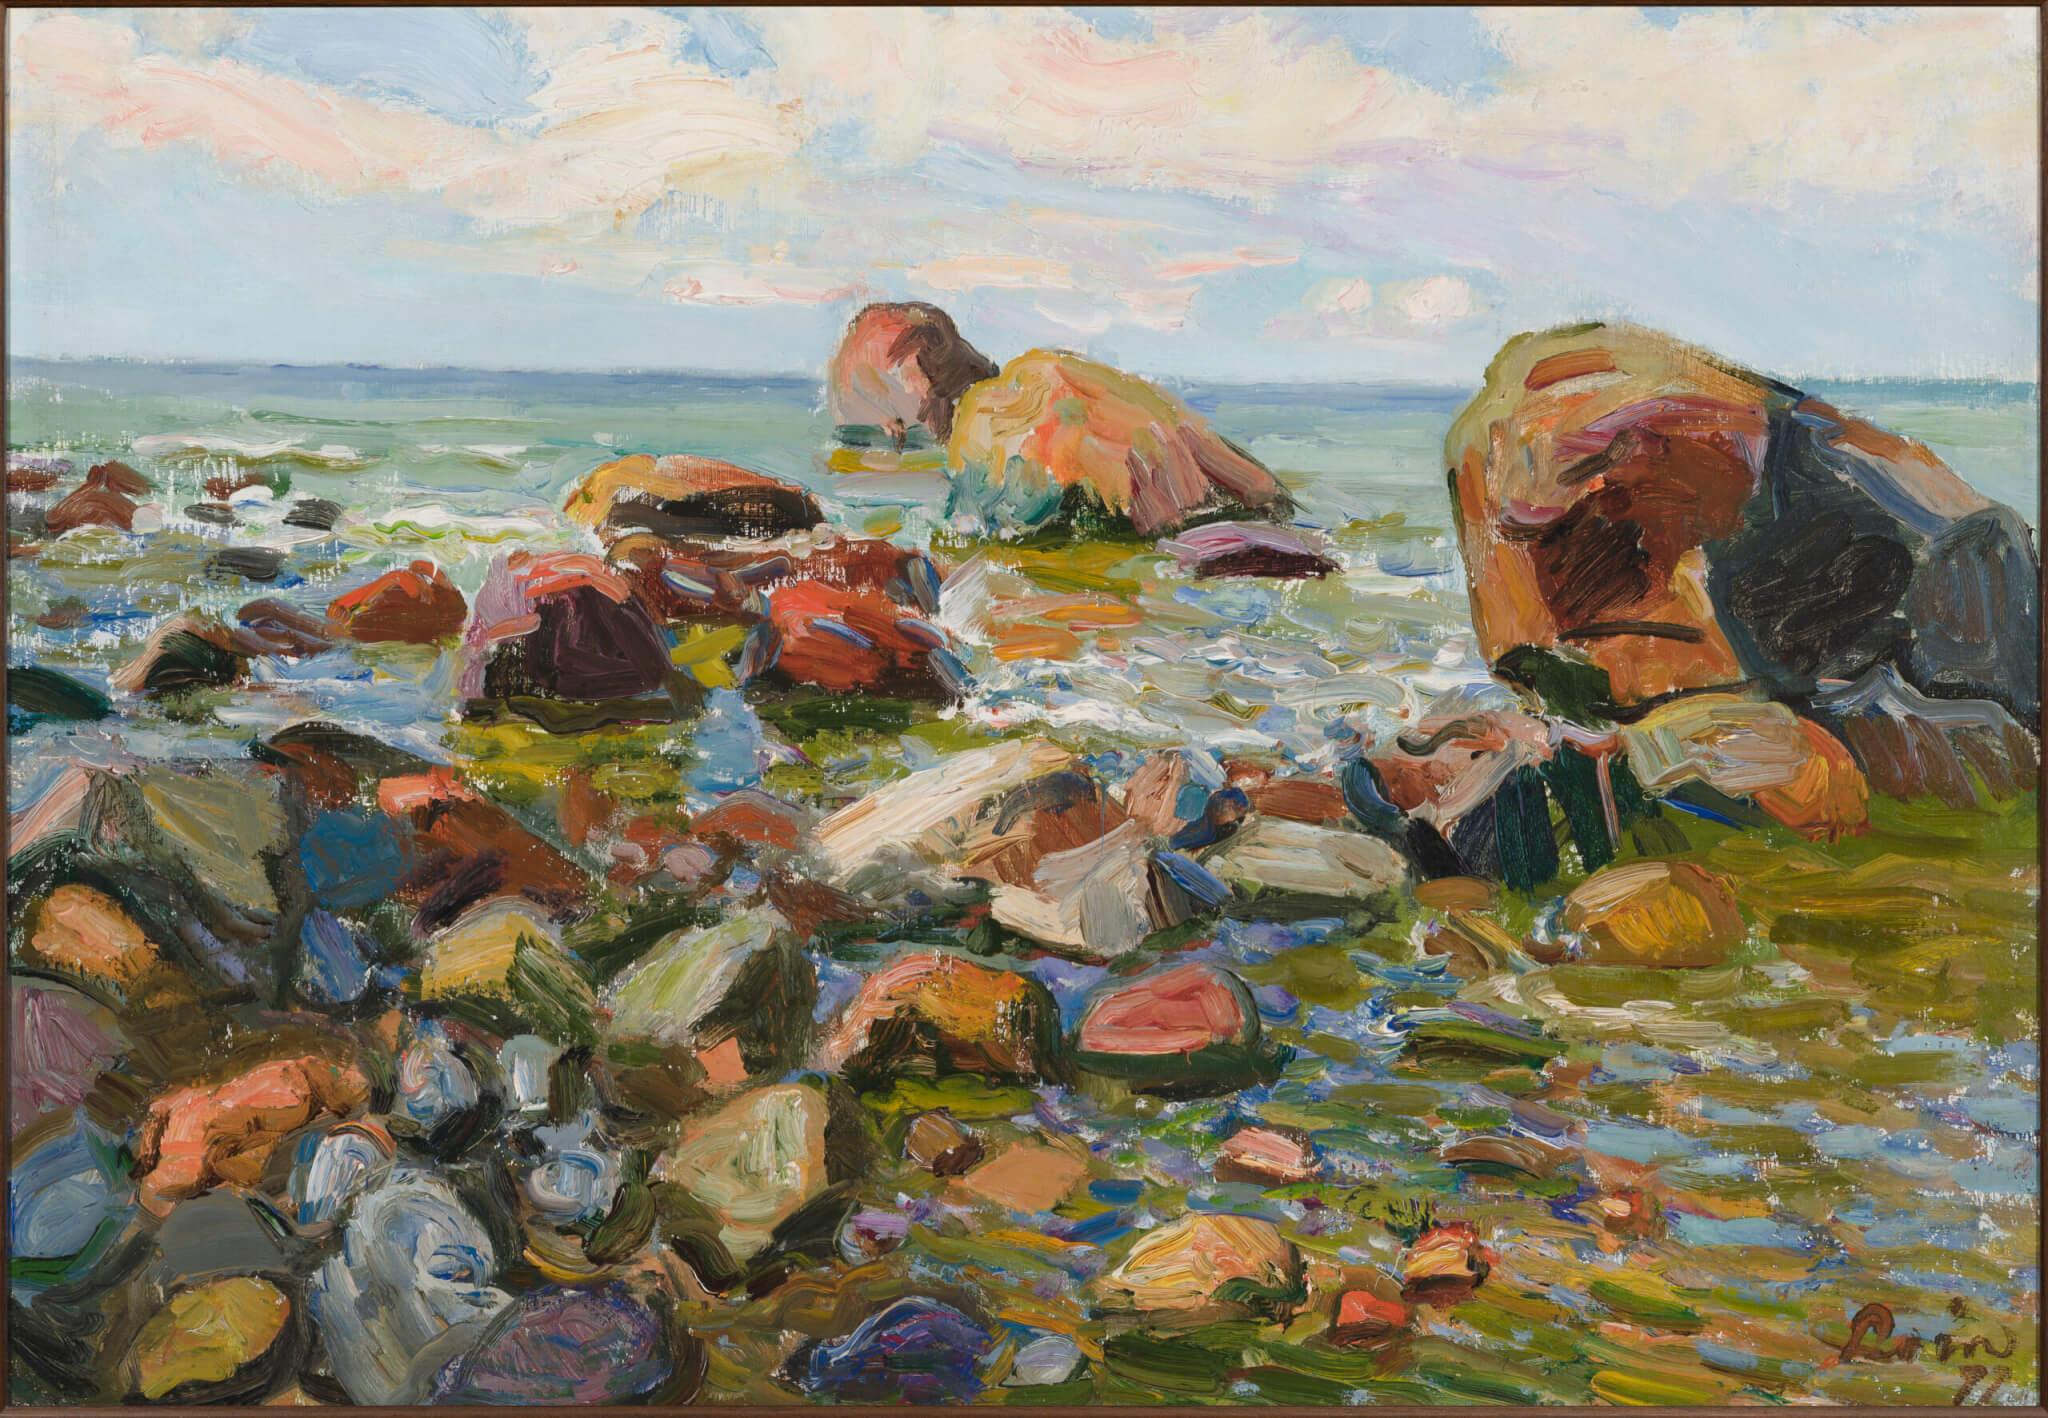 Valerian-Loik-õlimaal-Eisma-maastik